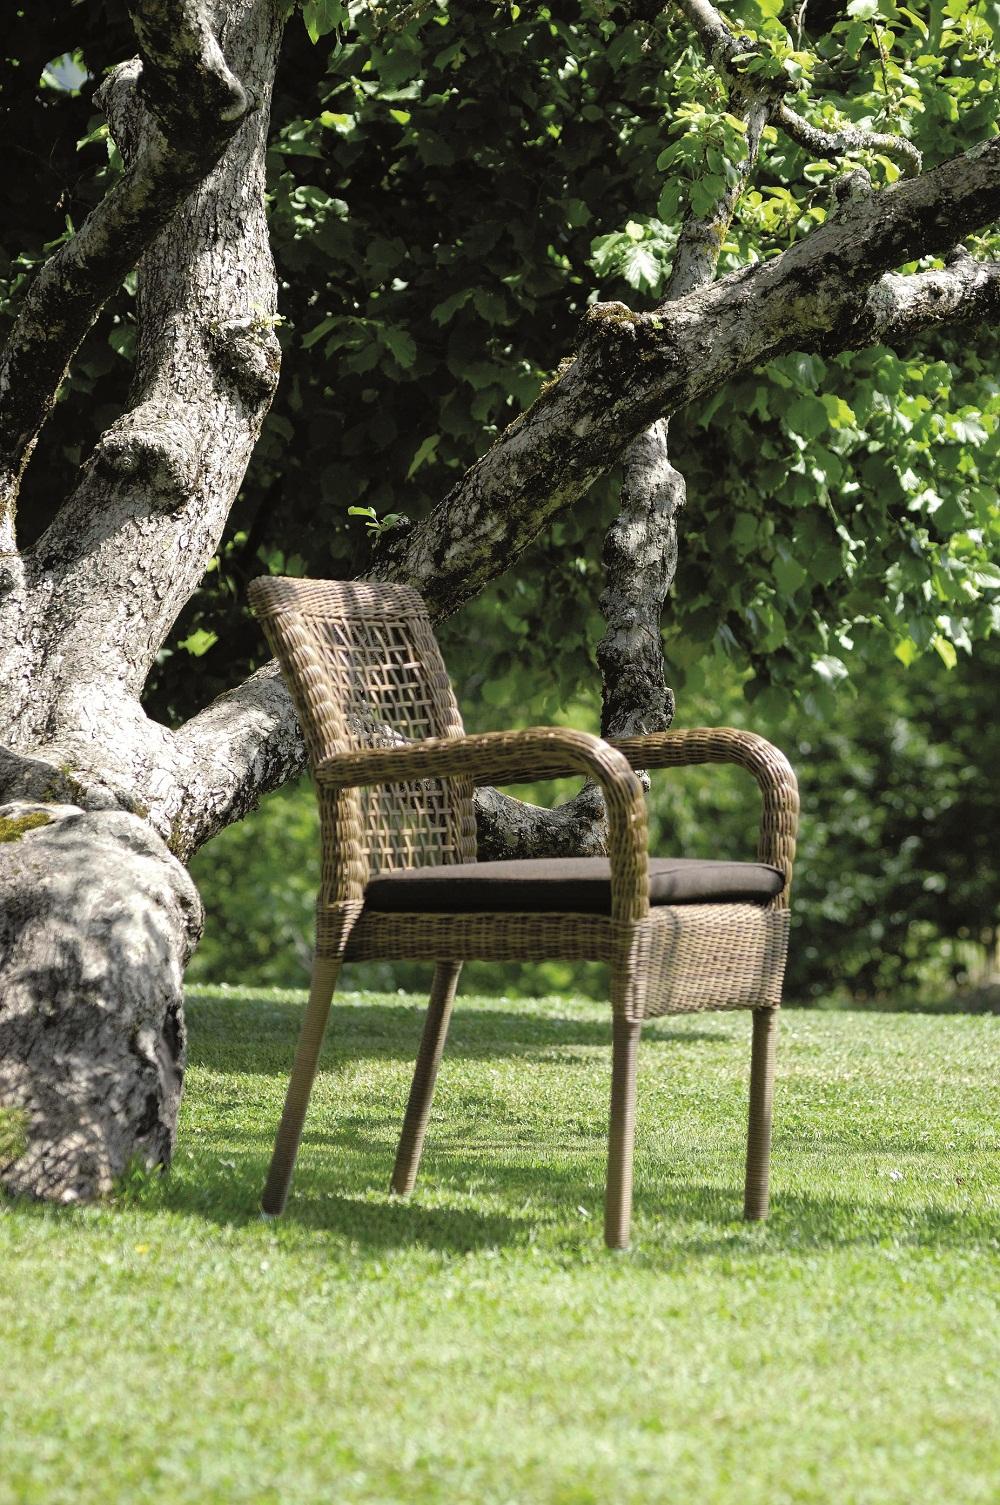 sitzkissen sessel melange schmutzabweisend woodsteel sch ne dinge f r haus und garten. Black Bedroom Furniture Sets. Home Design Ideas